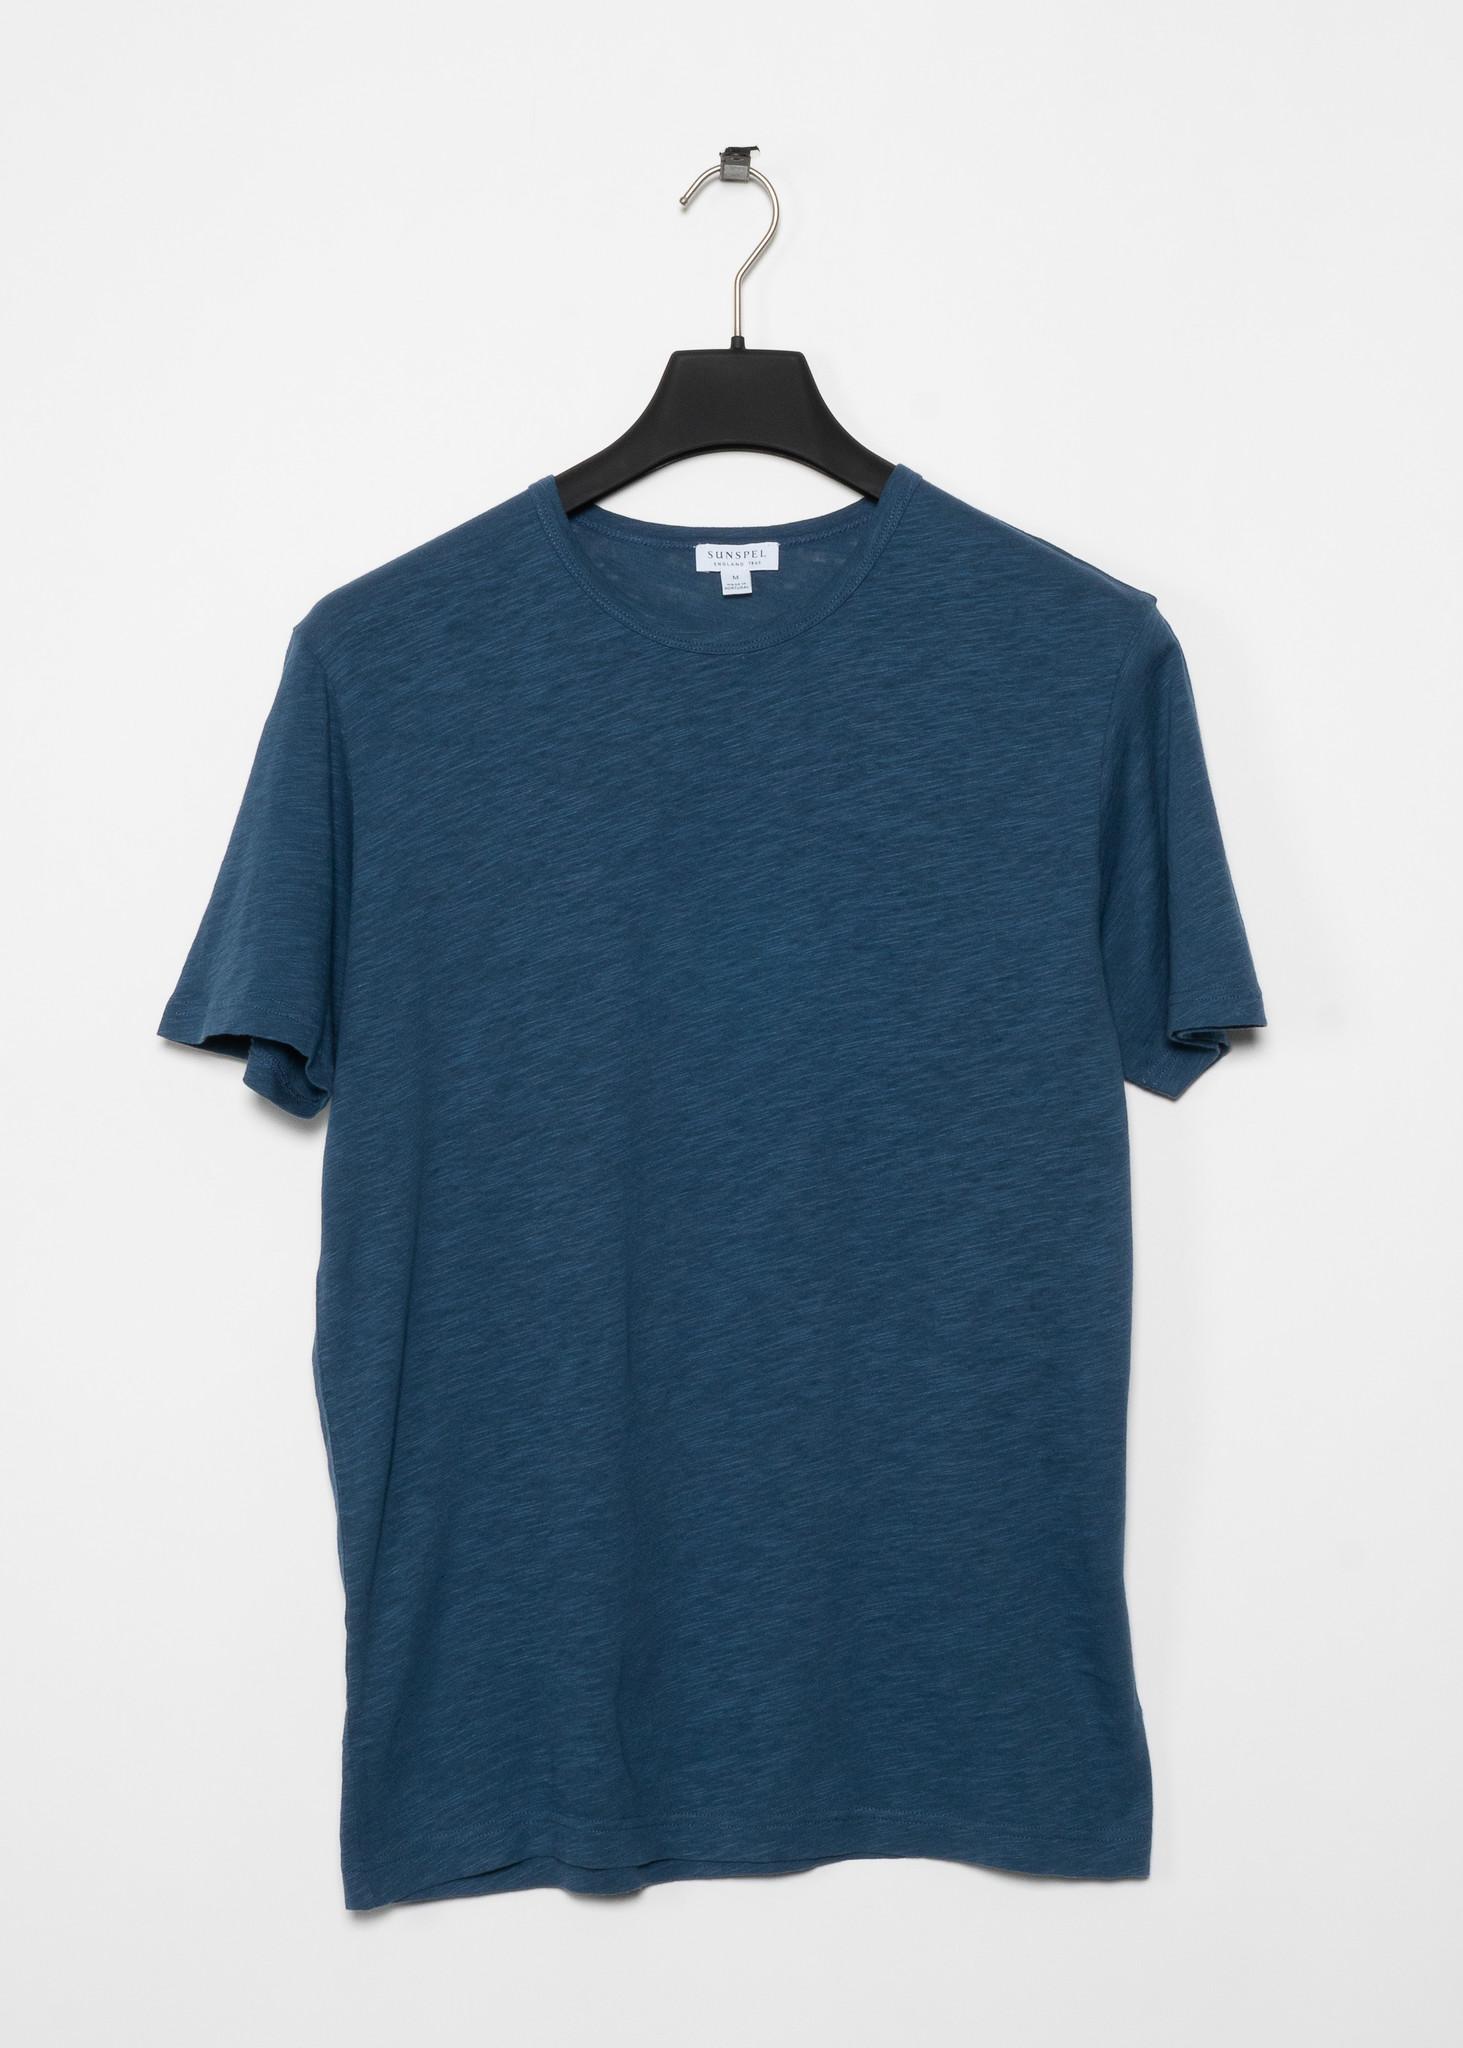 T-shirt Coton Pima et Lin Bleu Gris